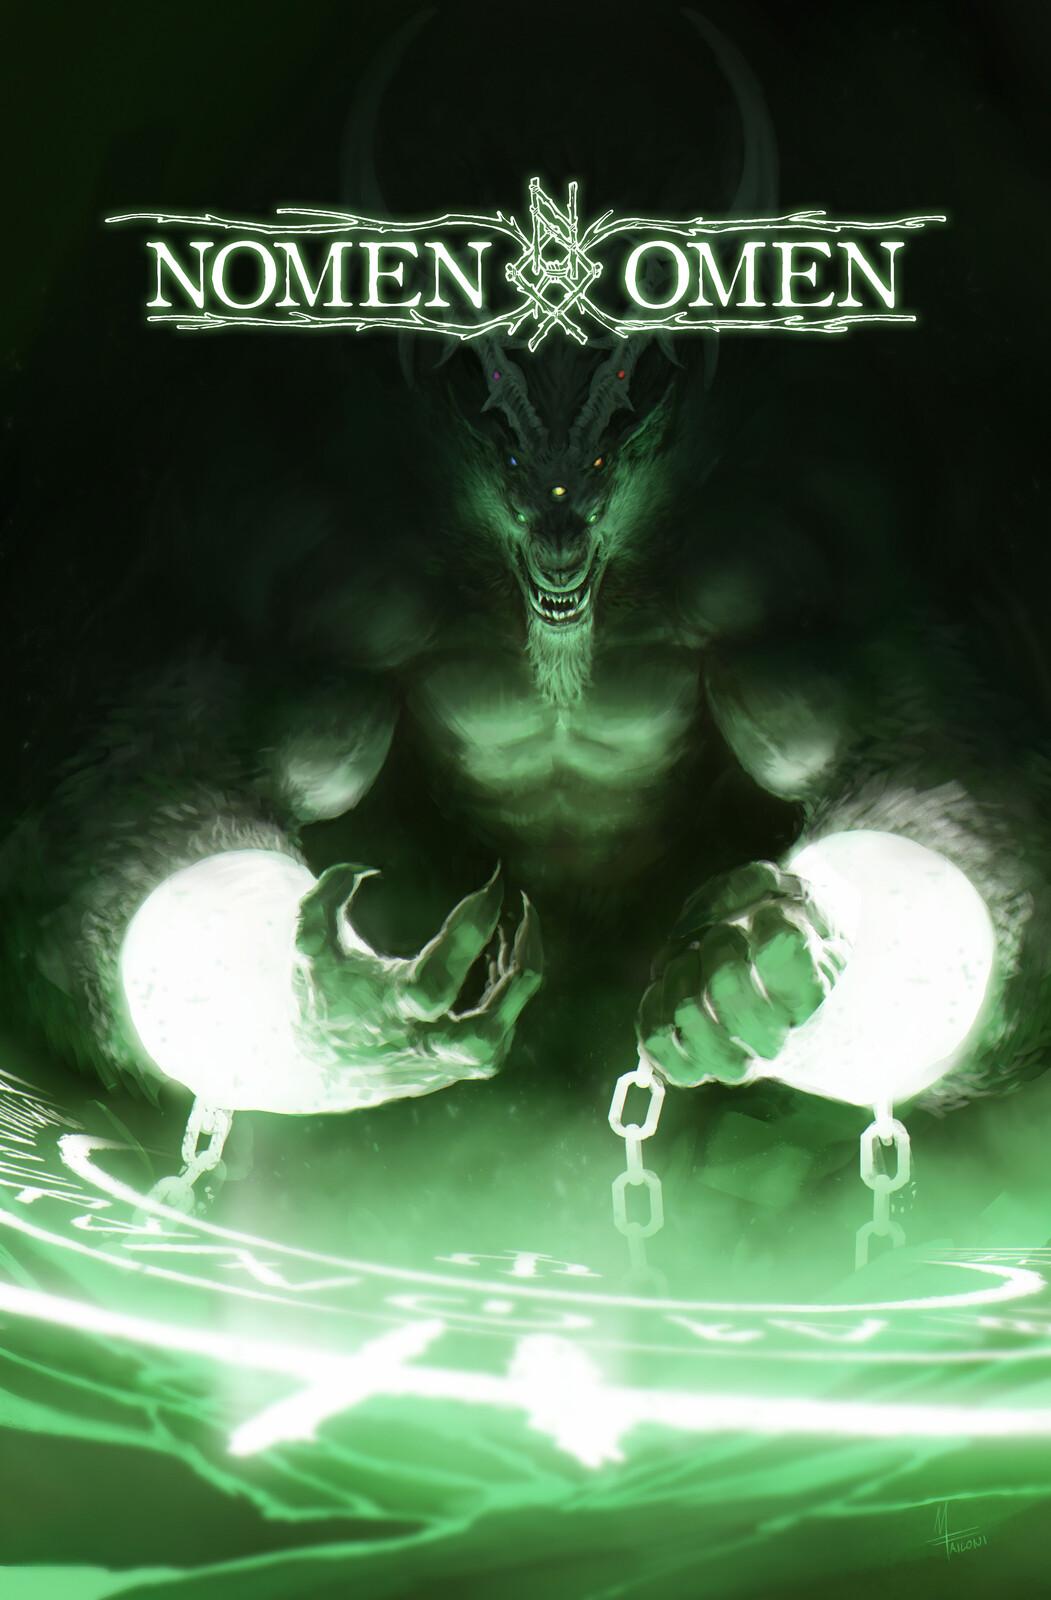 NOMEN OMEN #8: Variant cover